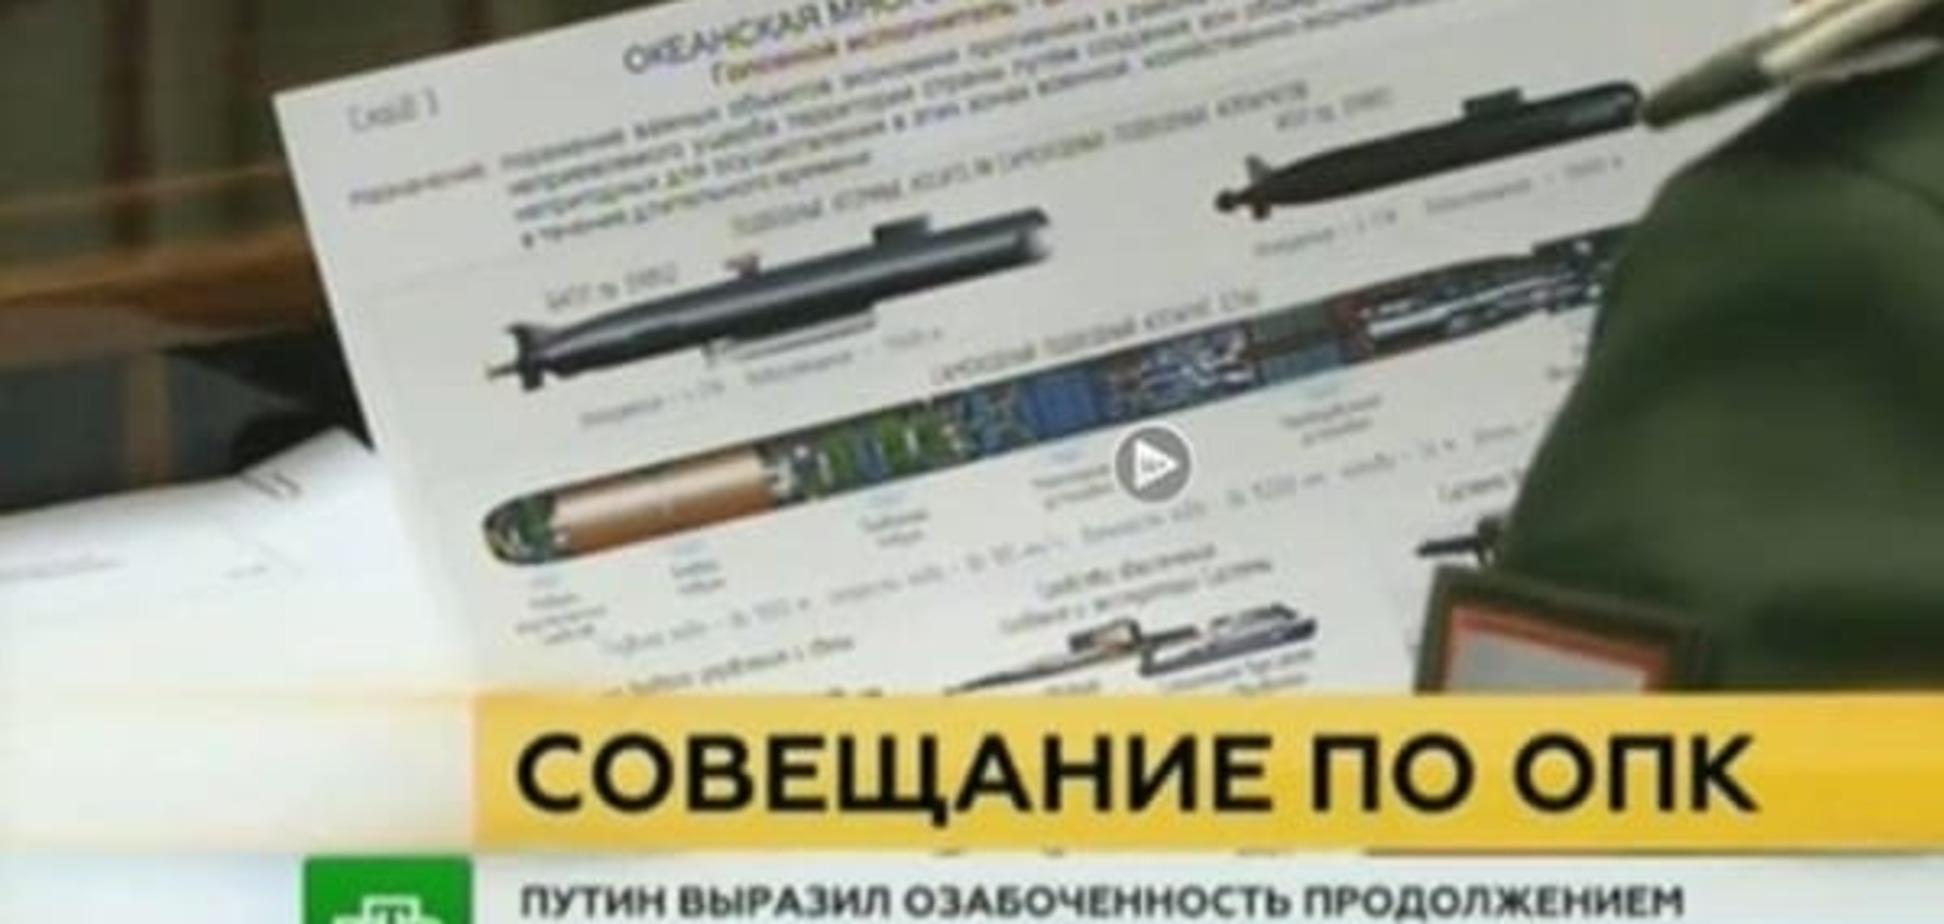 Суворов про озброєння Росії: йолопи спробували залякати світ фуфловим секретом